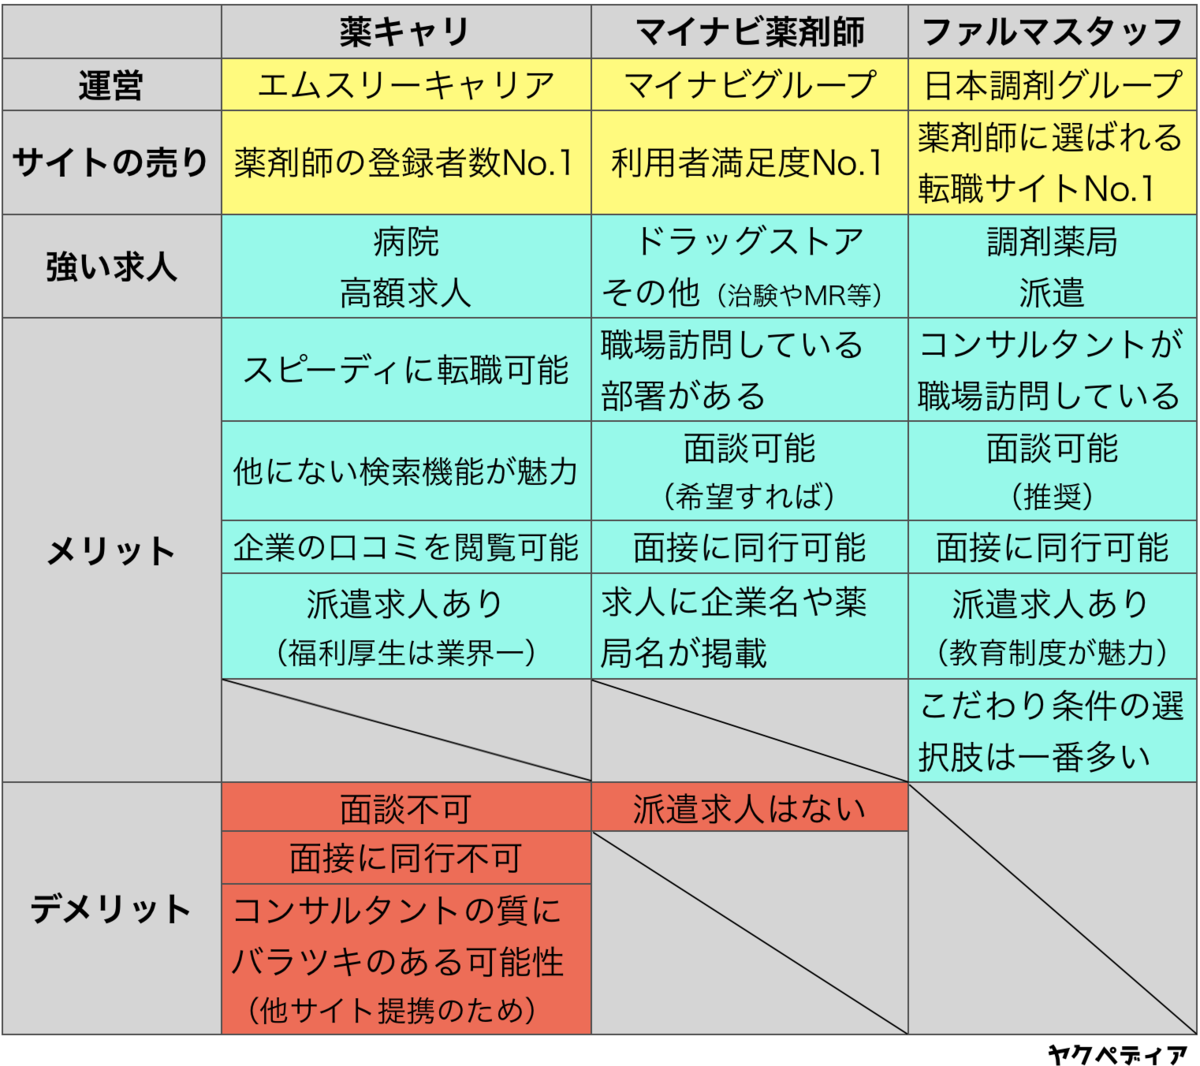 f:id:huji7:20200607215823p:plain